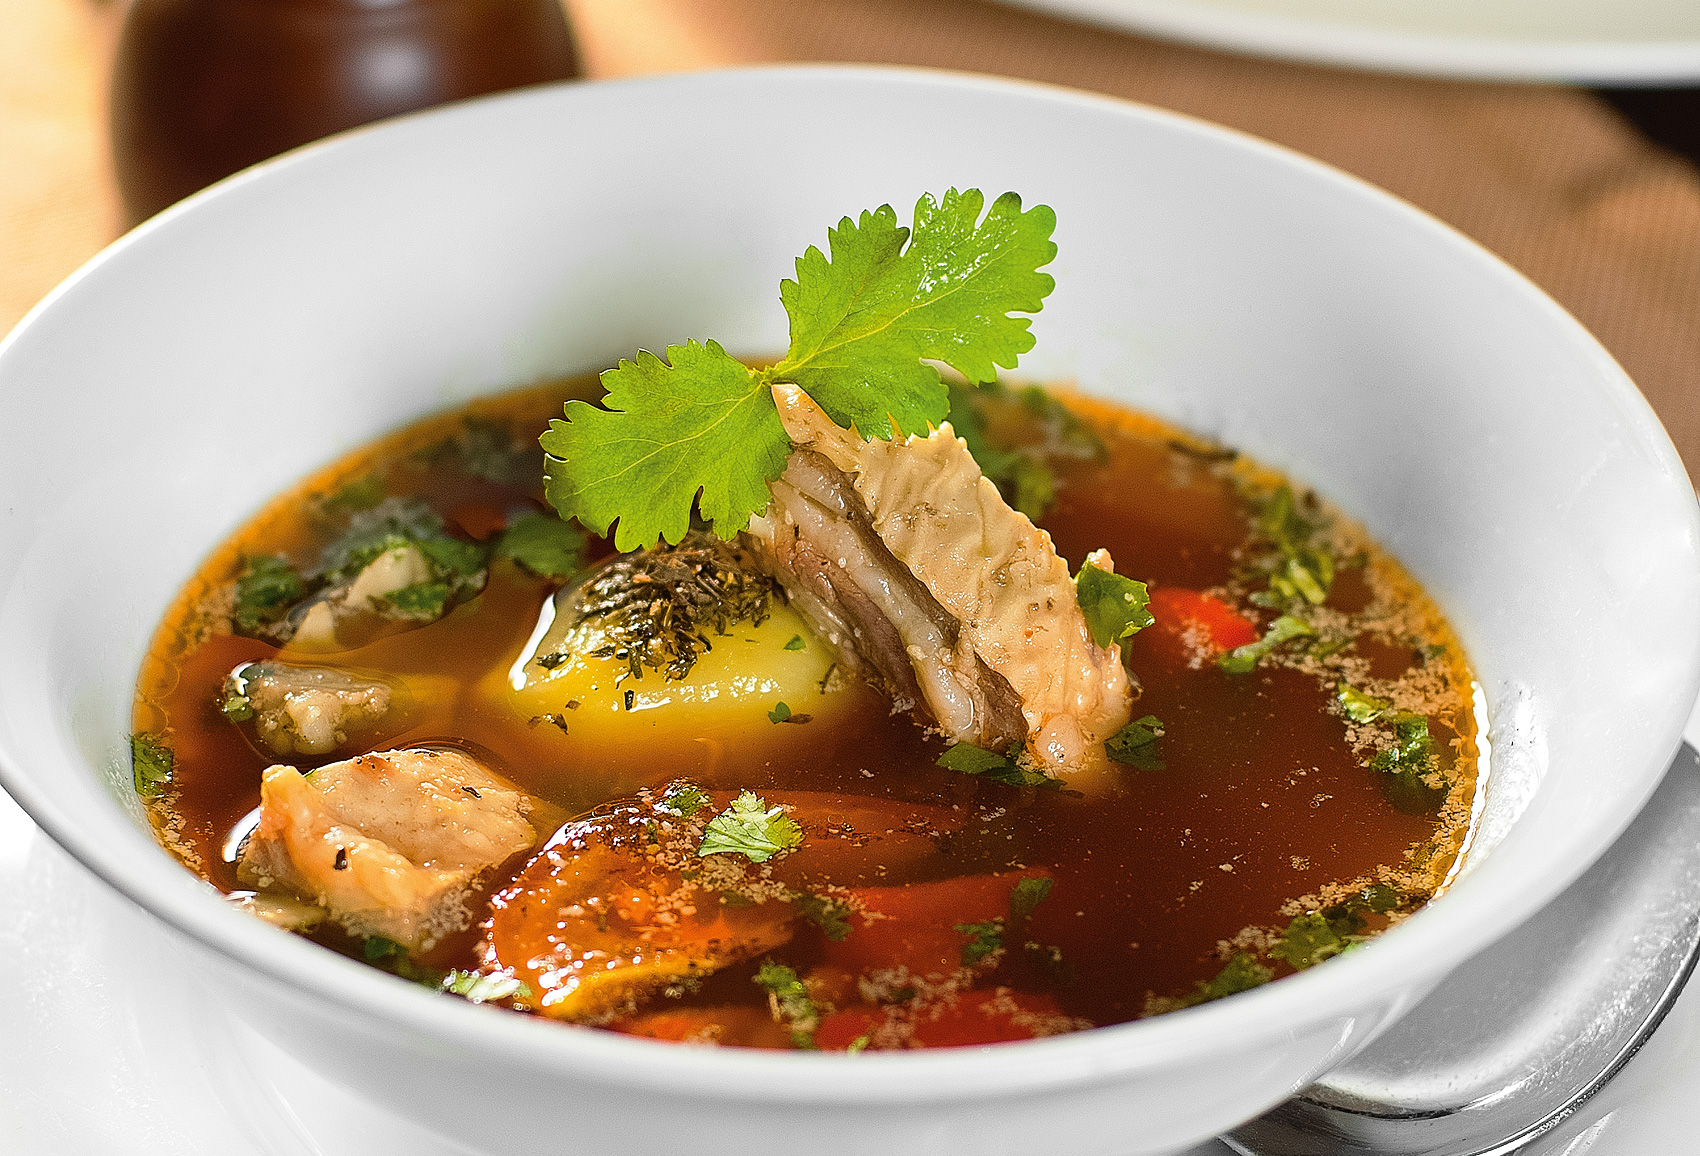 рецепты суп с мясом в картинках желтого